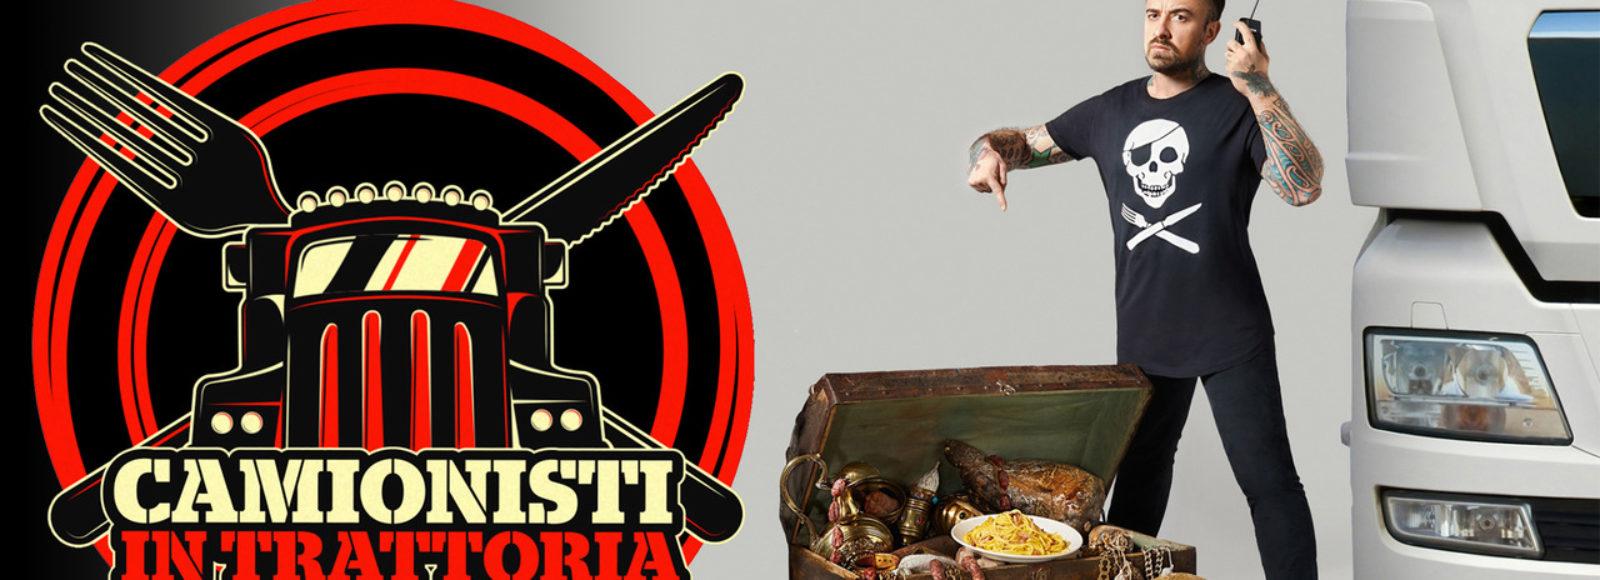 Camionisti in Trattoria, è addio con Chef Rubio!